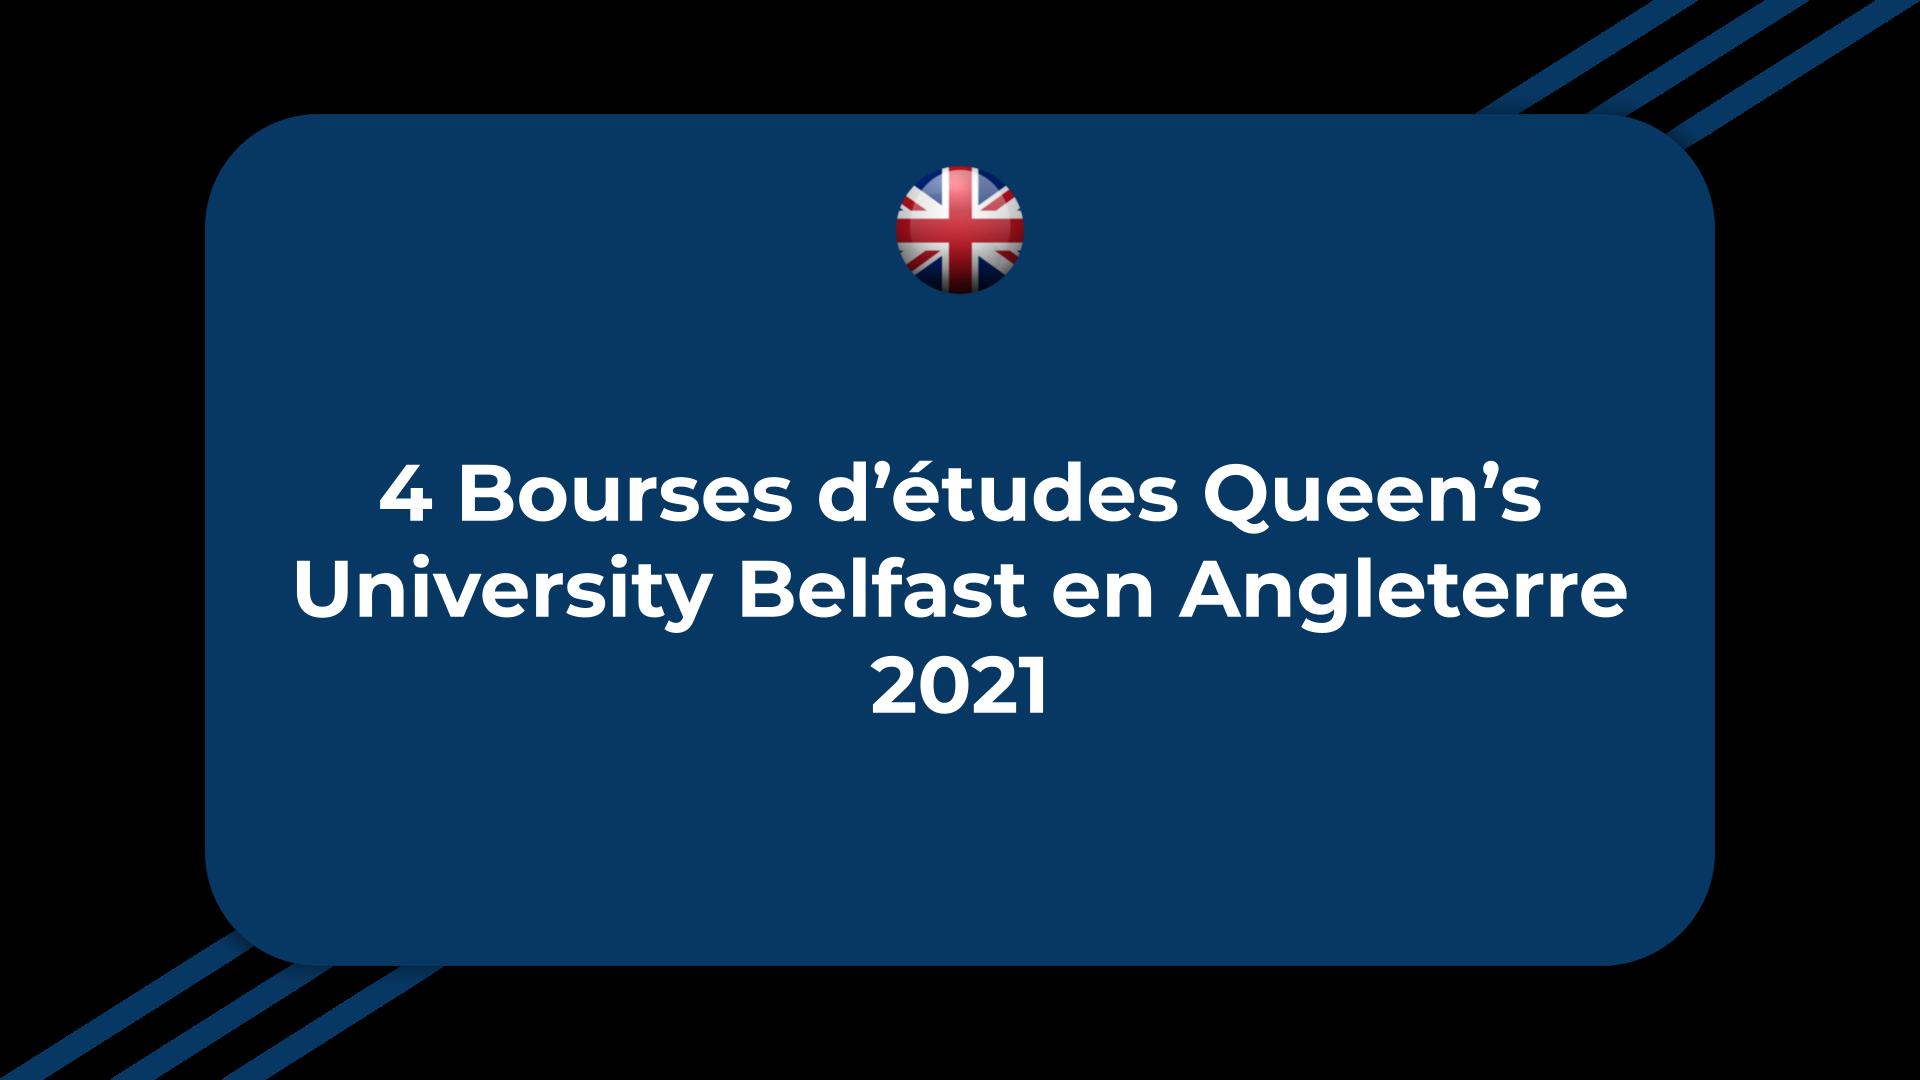 Bourses d'études Queen's University Belfast